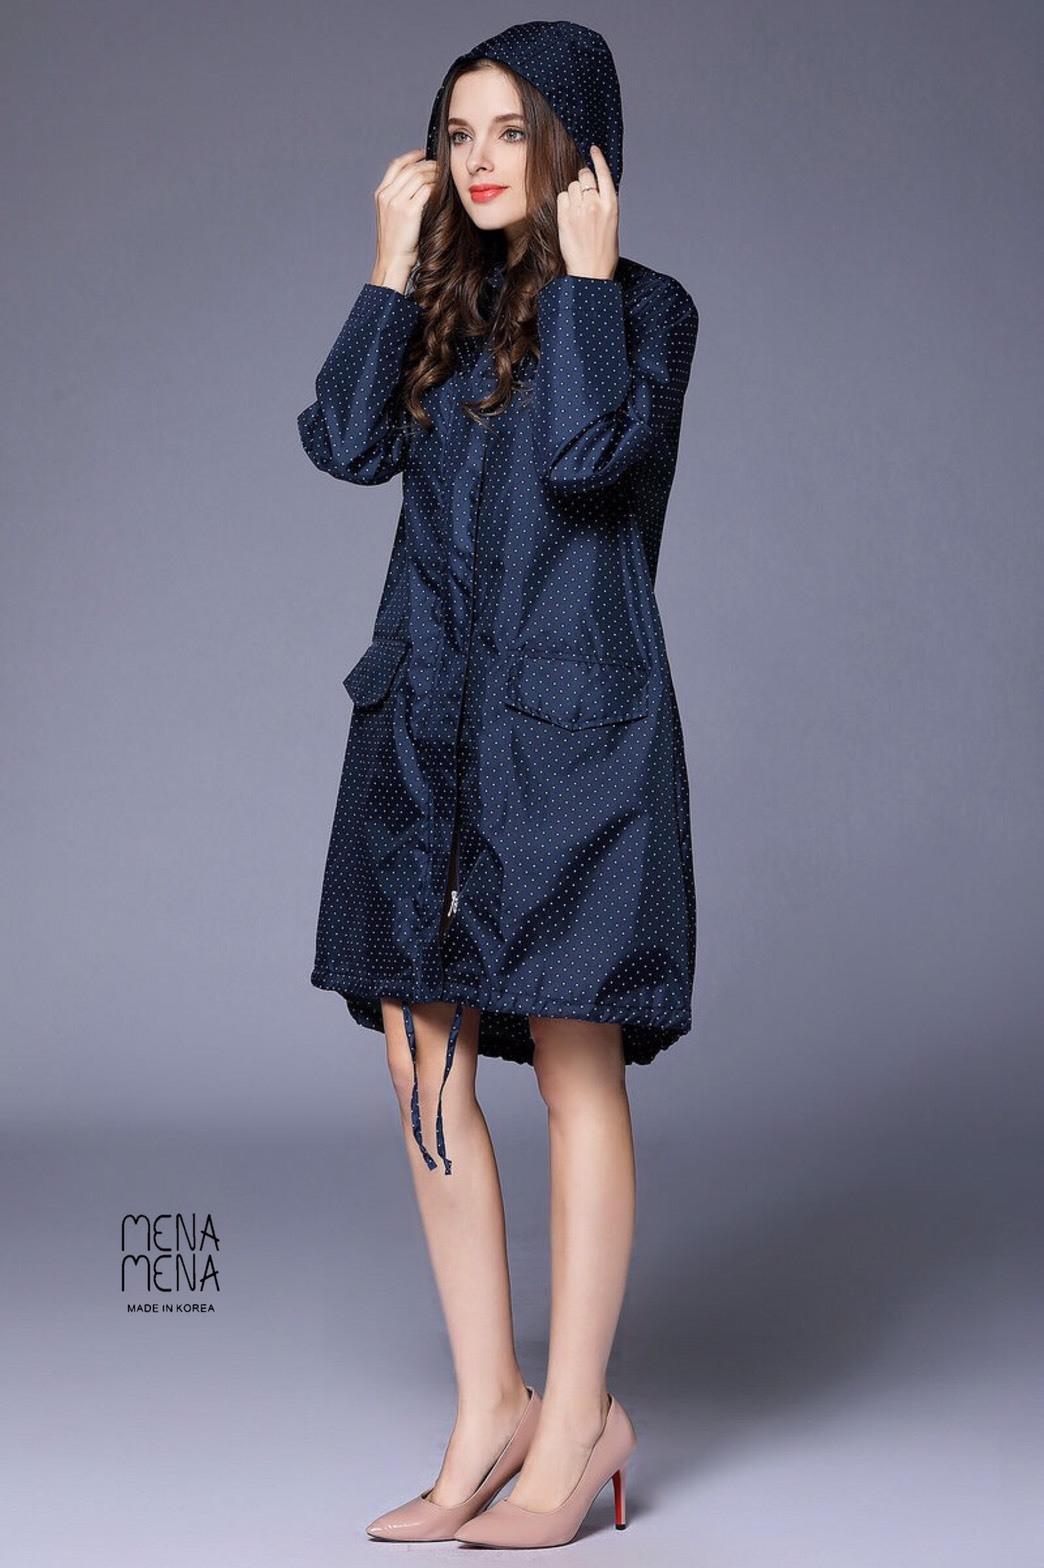 เสื้อผ้าเกาหลีพร้อมส่ง เสื้อกันฝนญี่ปุ่น เนื้อผ้าโพลีเอสเตอร์เคลือบteflon